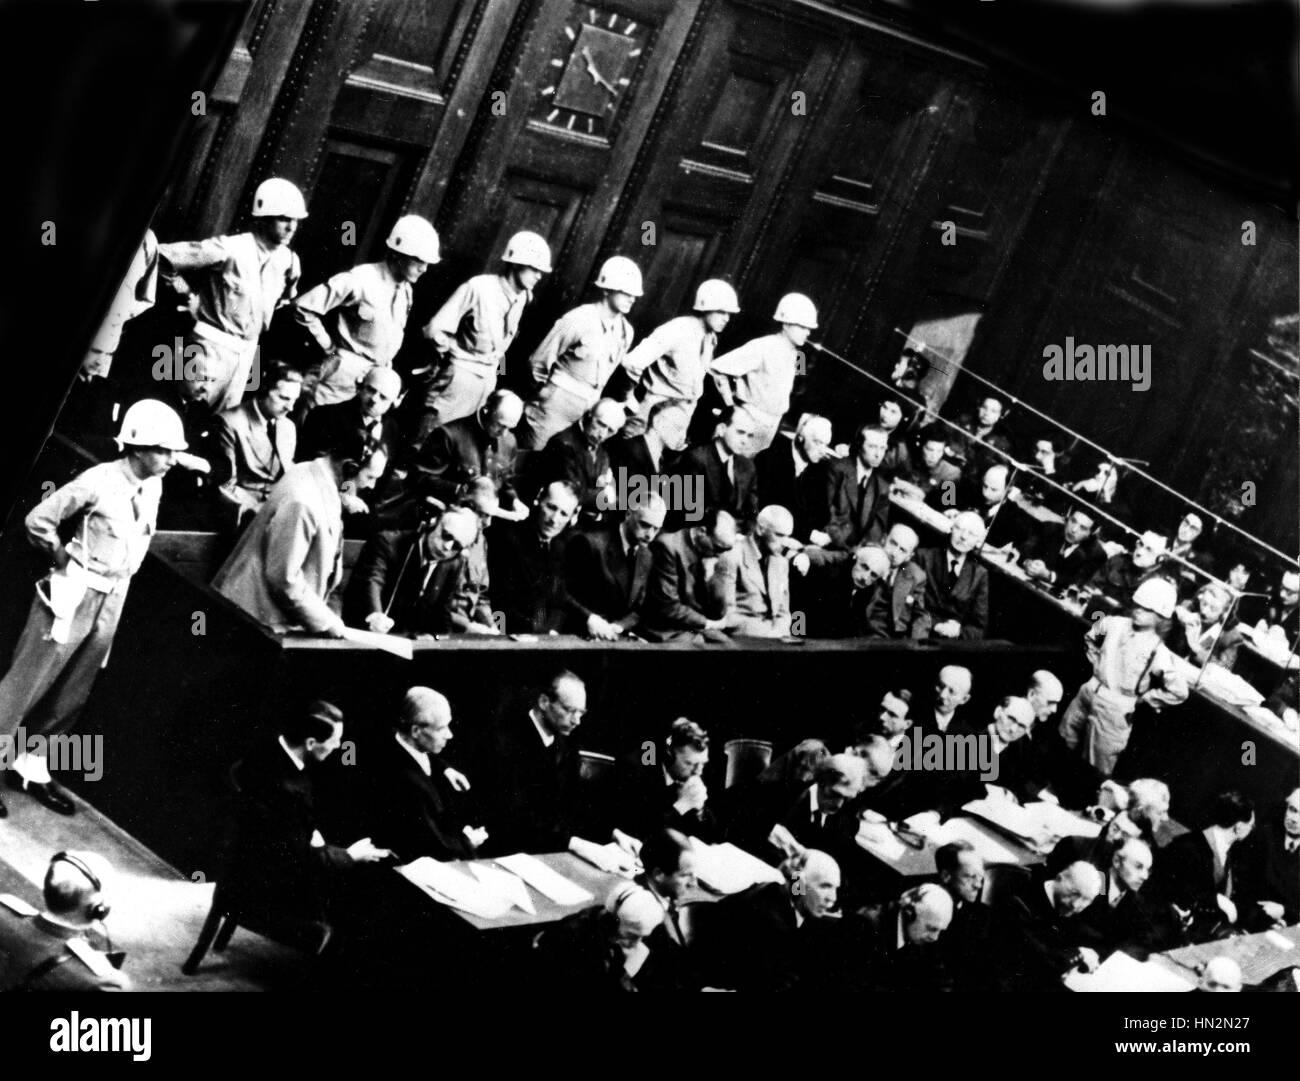 Le procès de Nuremberg: Goering parlant 1946 Allemagne, Seconde Guerre mondiale Guerre mondiale archives Photo Stock